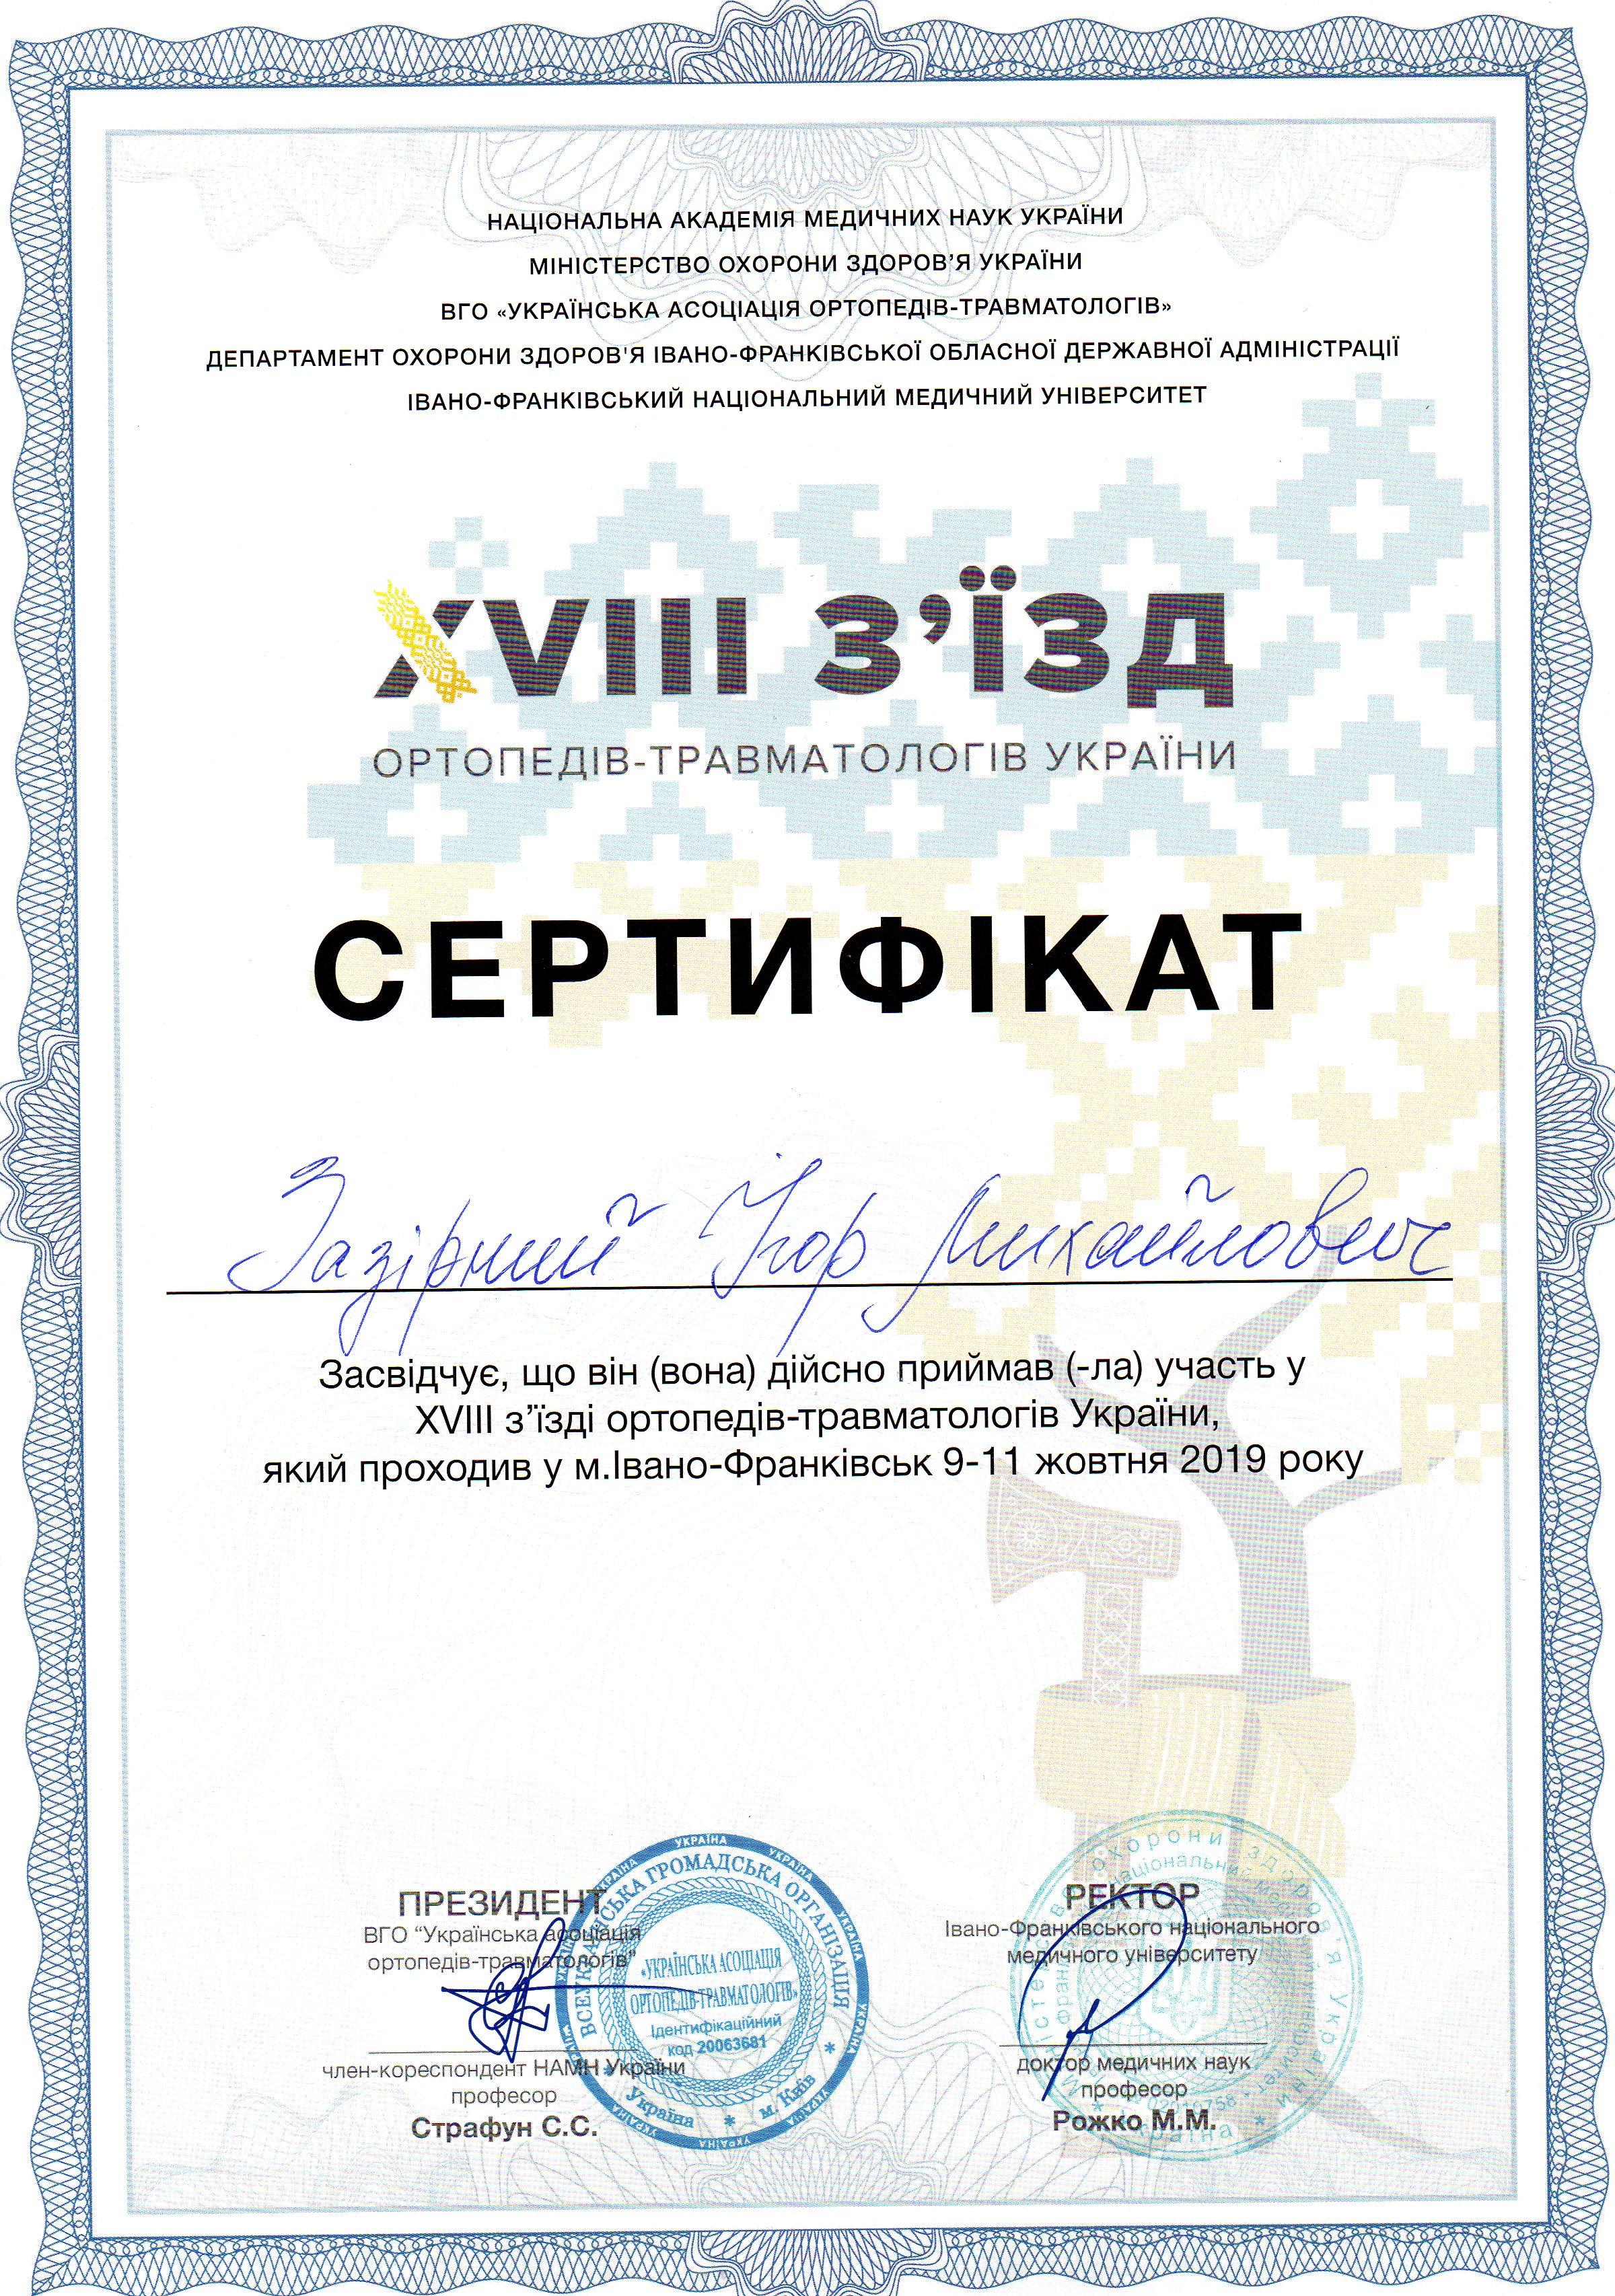 Диплом участника и лектора на 18 съезде ортопедов-травматологов Украины, октябрь 2019